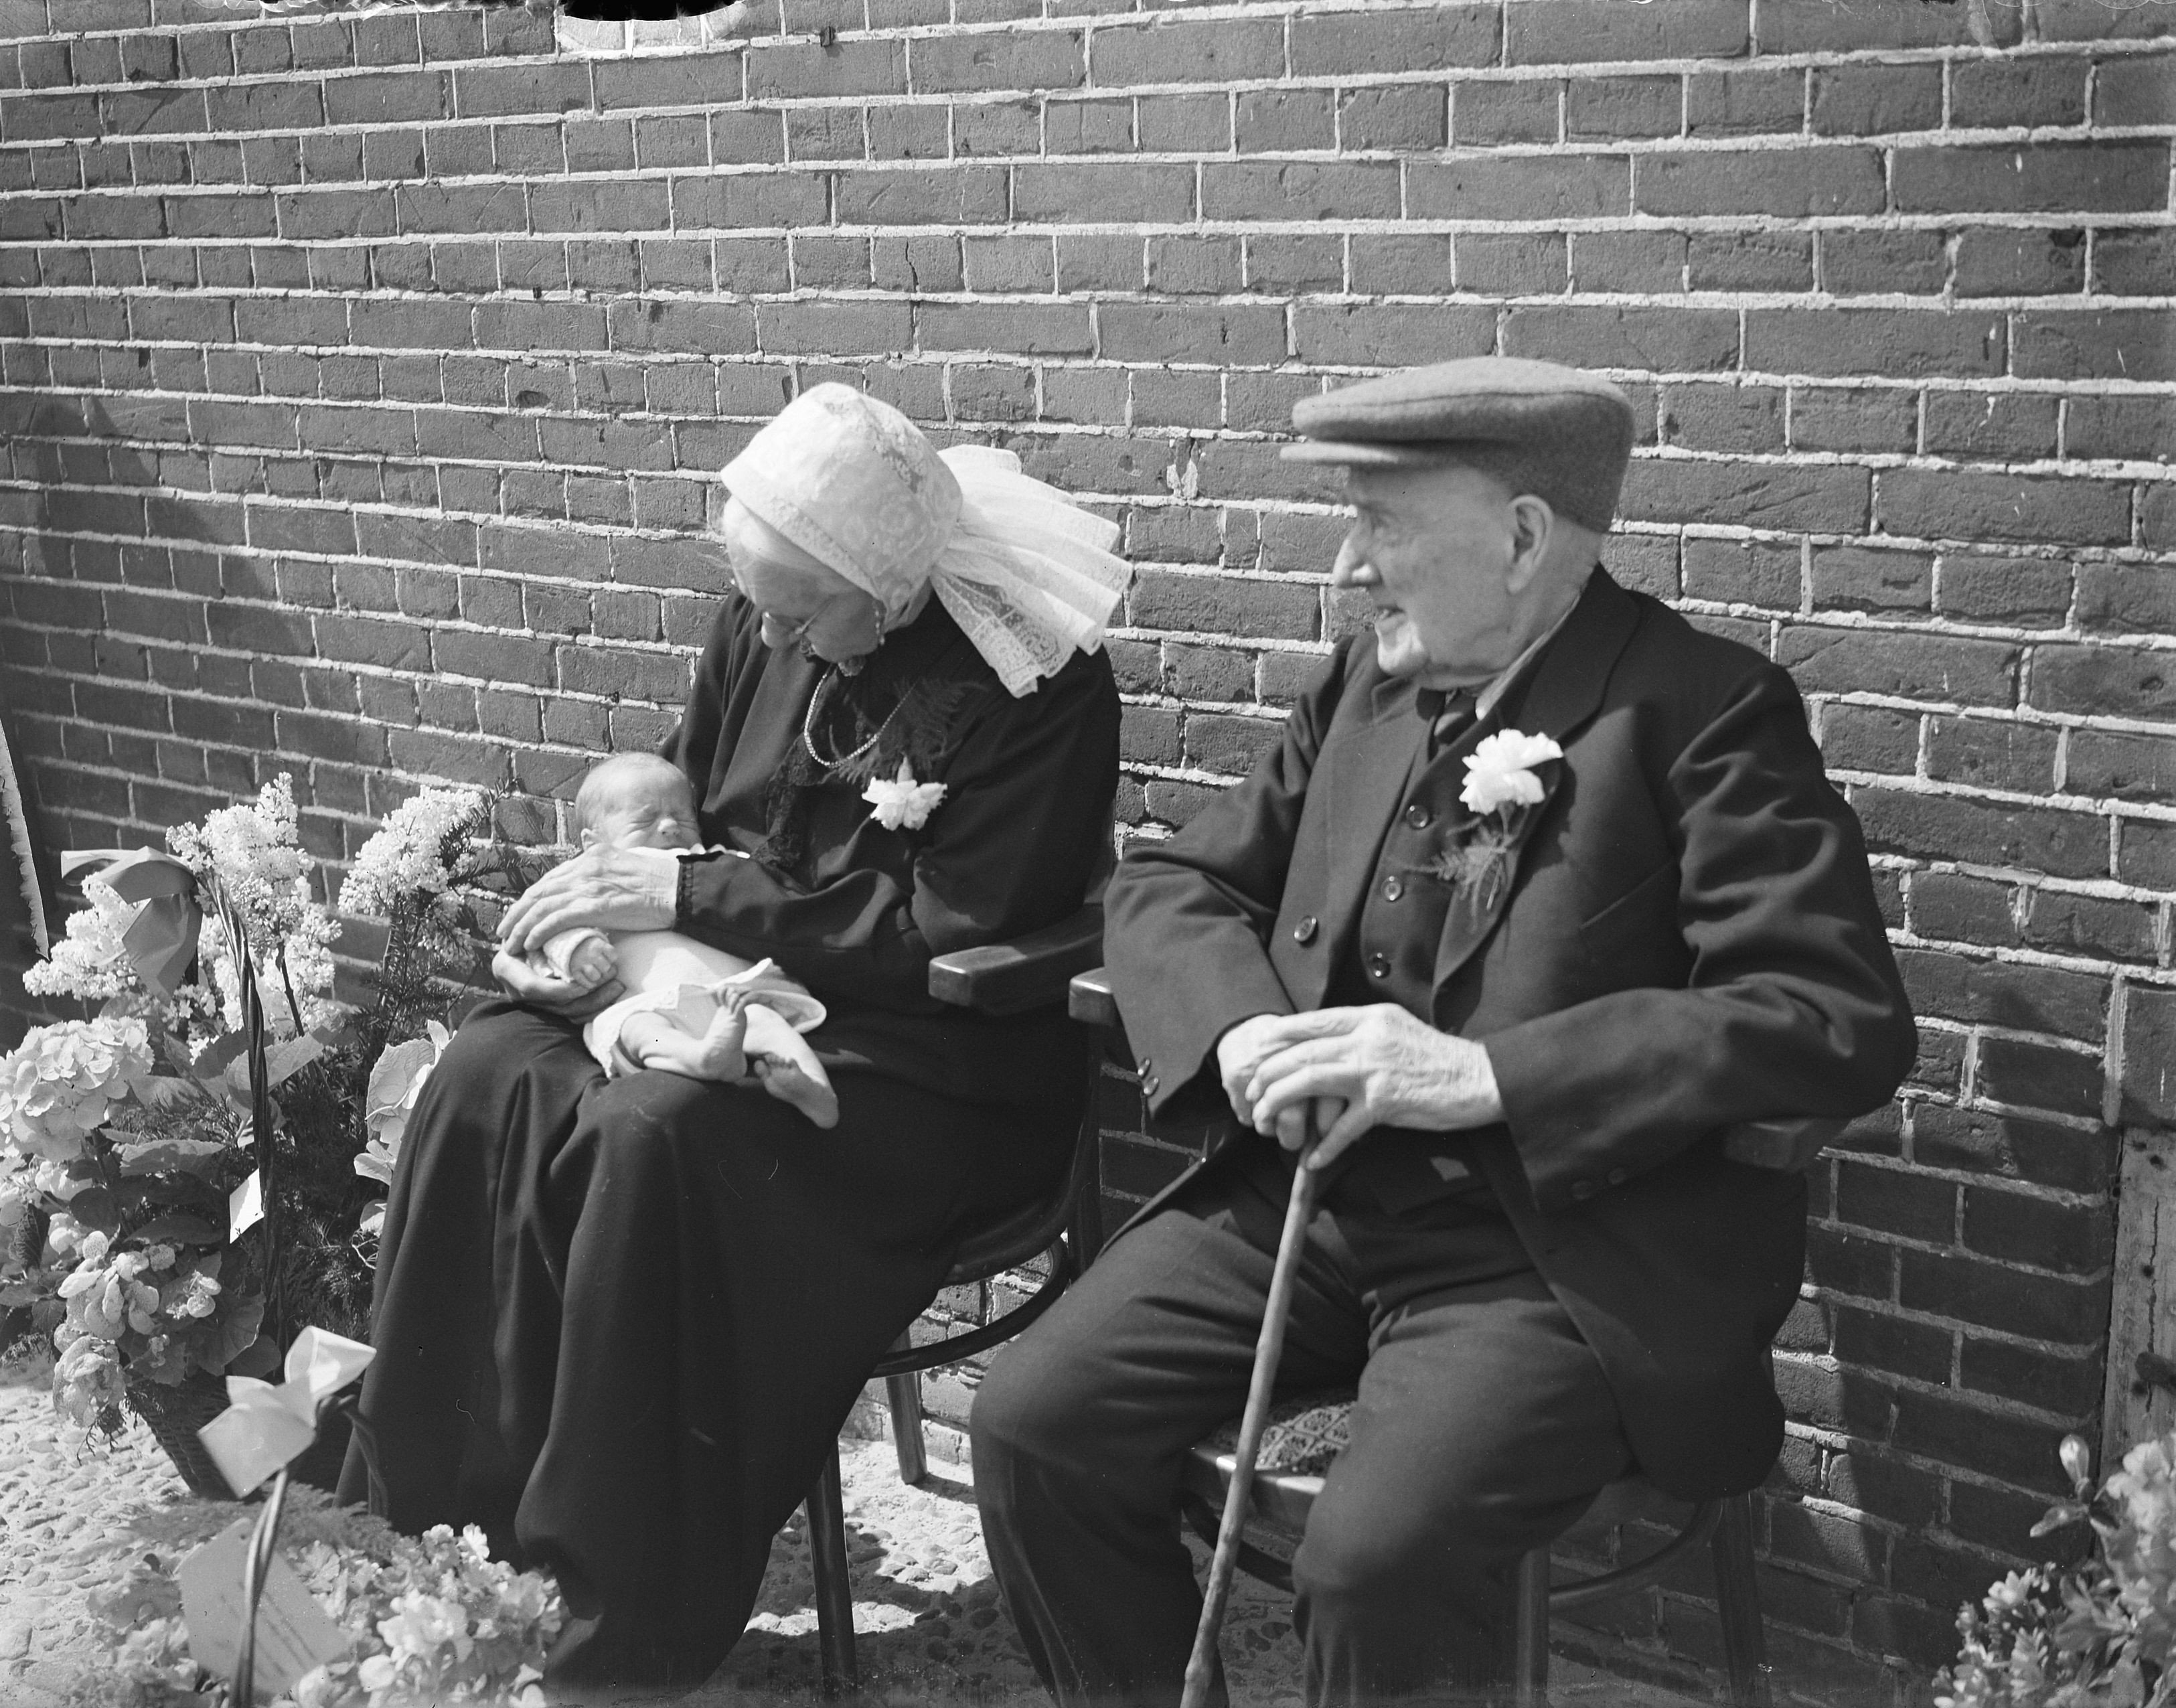 70 jarig huwelijksfeest File:70 jarig huwelijksfeest in Steenwijkerwold, Bestanddeelnr 902  70 jarig huwelijksfeest